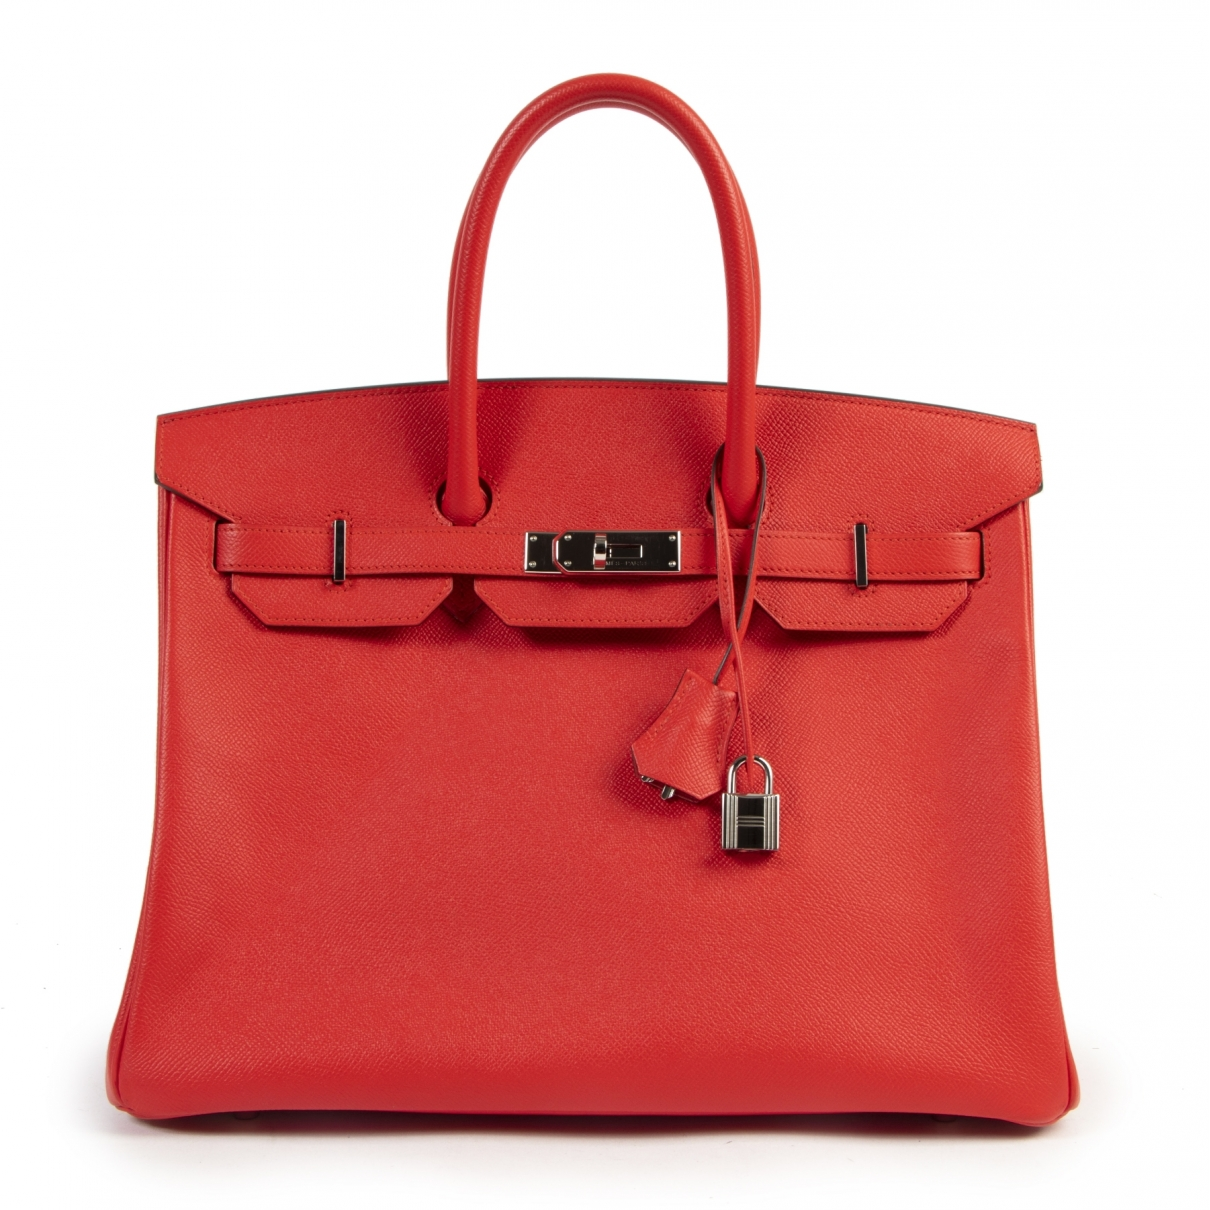 Hermes Birkin 35 Handtasche in  Rot Leder